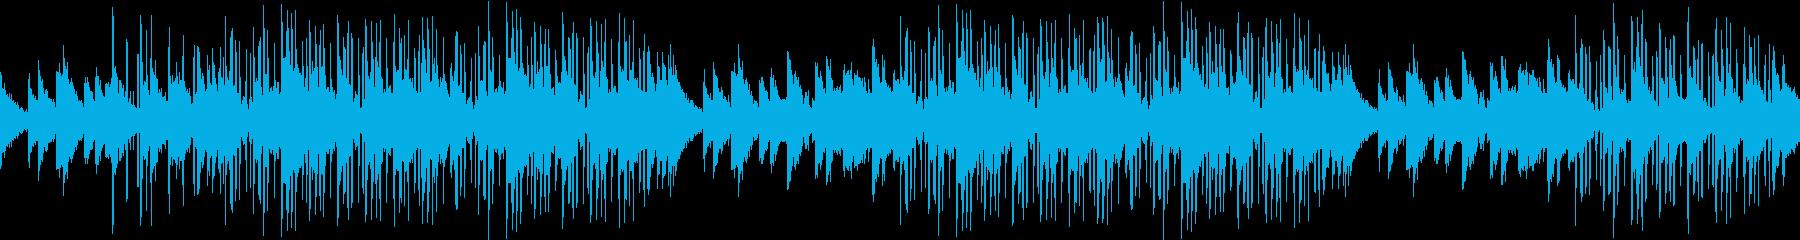 切ない・アンビエント・ピアノ・お洒落の再生済みの波形